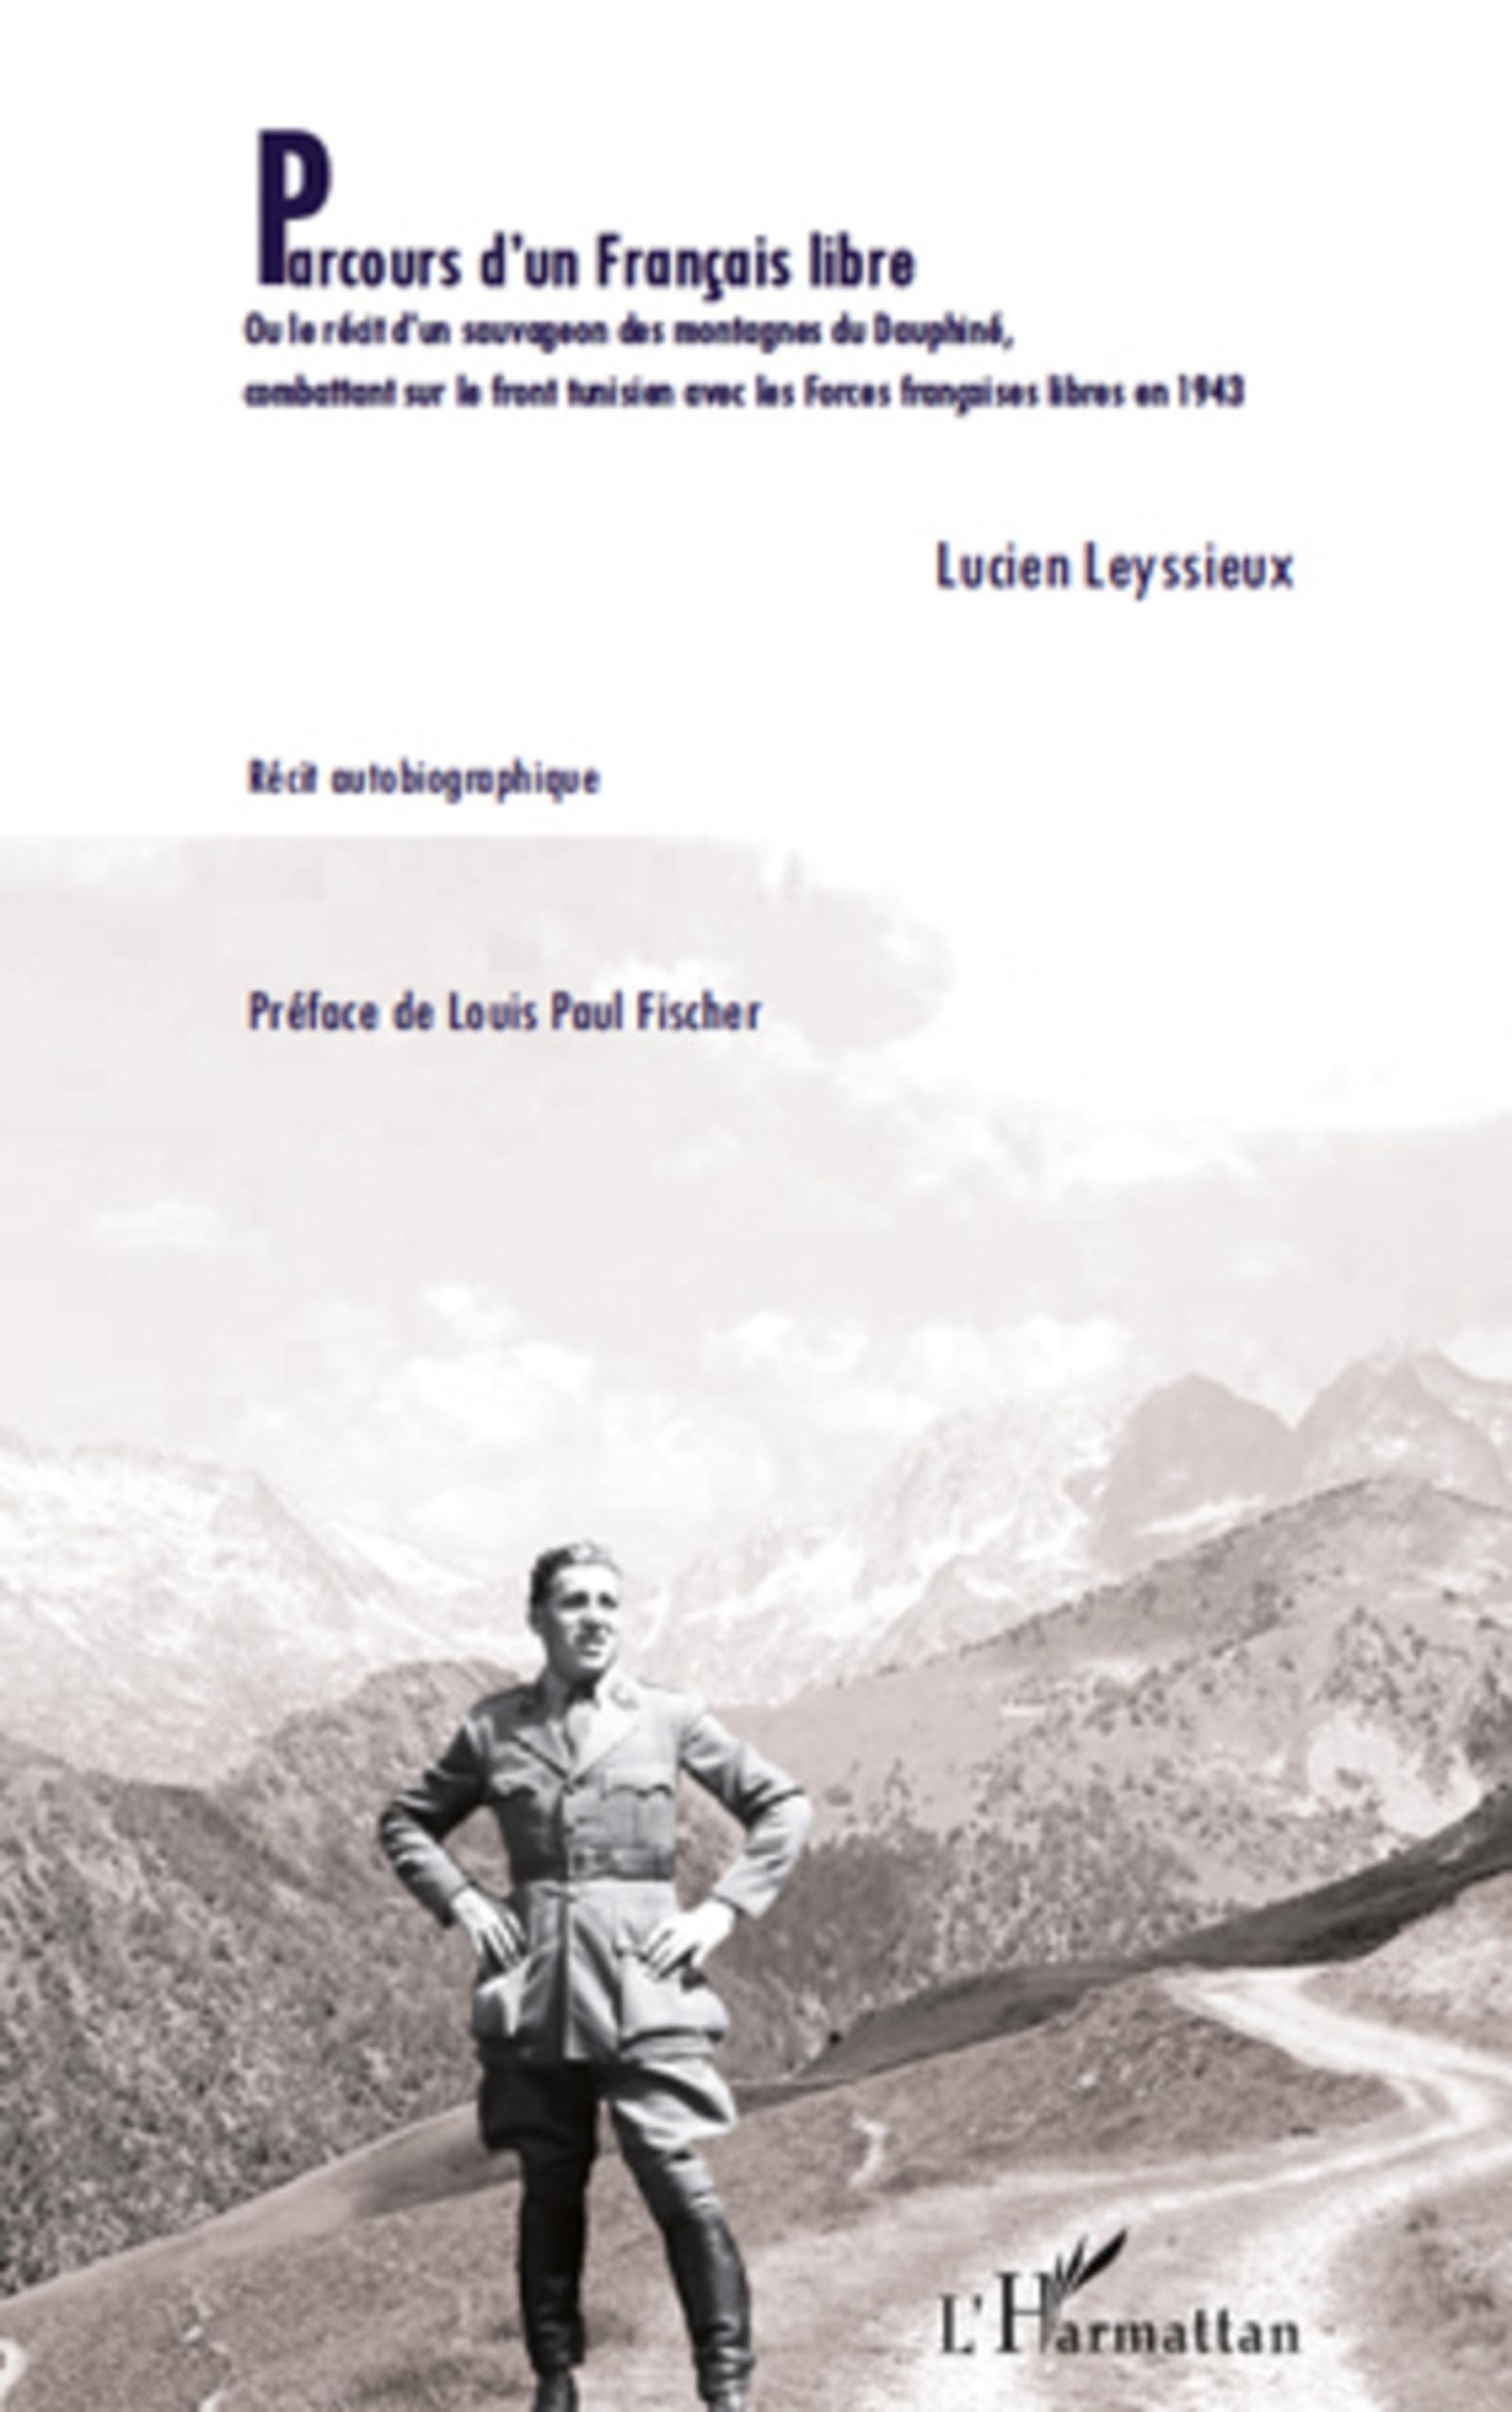 Parcours d'un Français libre. Ou le récit d'un sauvageon des montagnes du Dauphiné,combattant sur le front tunisien avec les Forces françaises libres en 1943 - Lucien Leyssieux